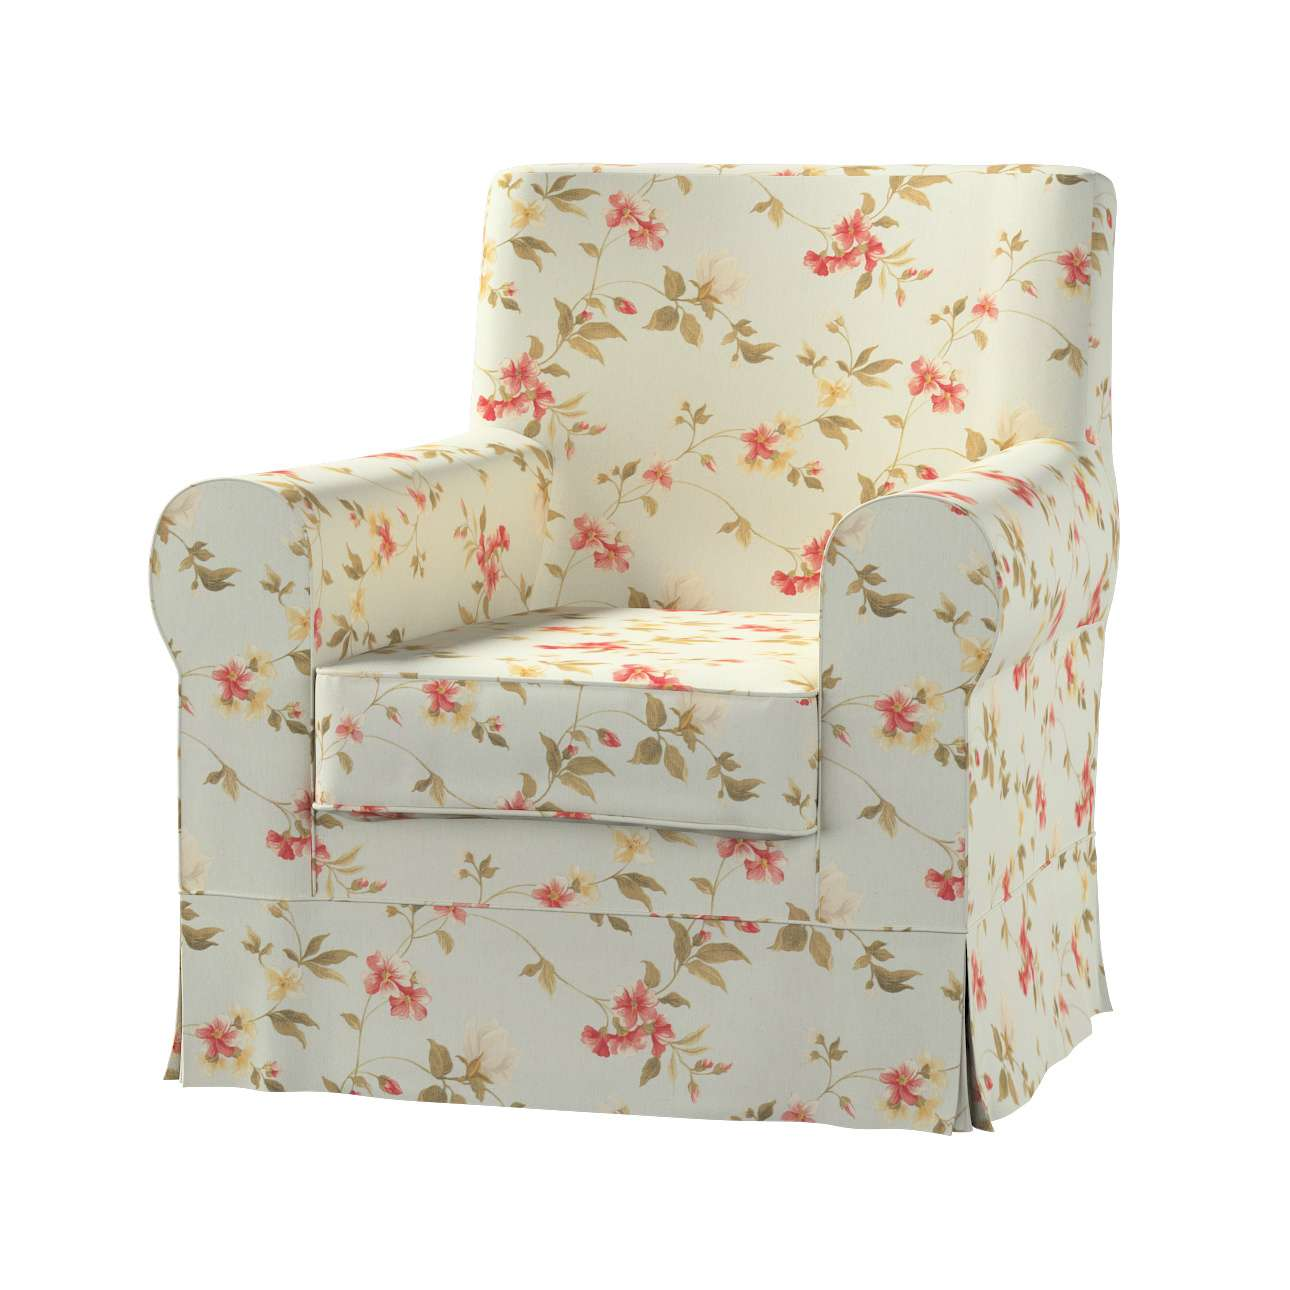 EKTORP JENNYLUND fotelio užvalkalas Ektorp Jennylund fotelio užvalkalas kolekcijoje Londres, audinys: 124-65